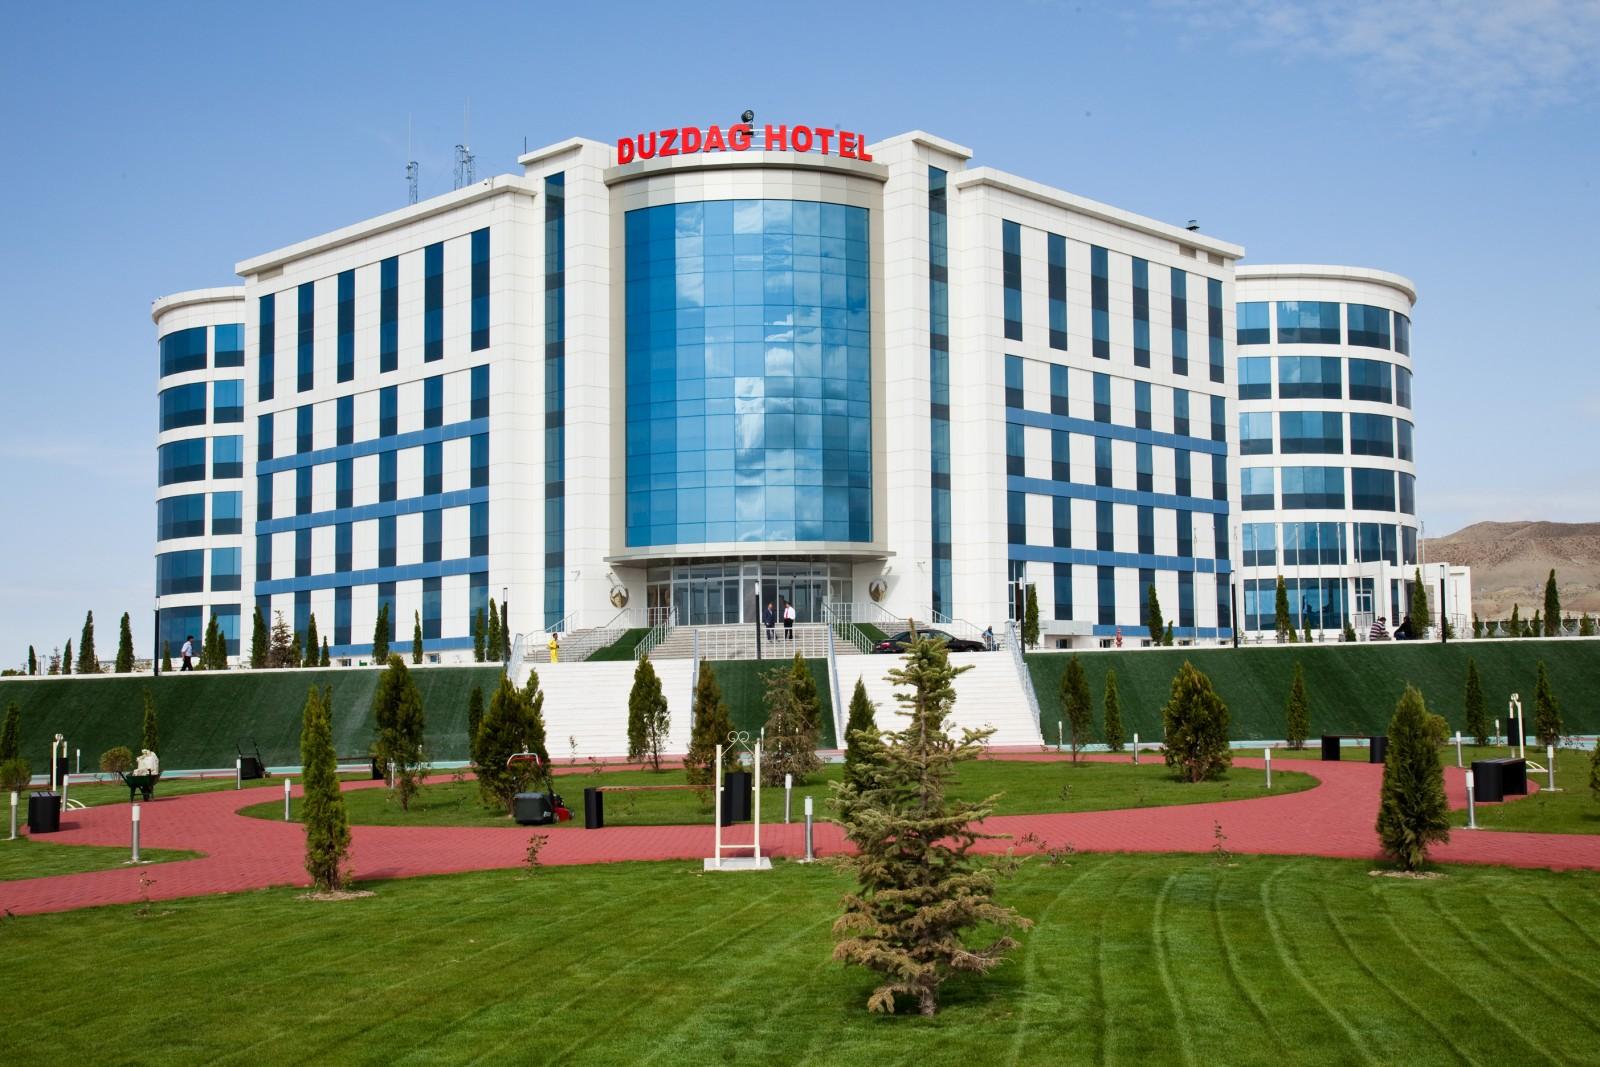 جولةعلاجیة في أذربيجان (دوزداغ) 8 أيام